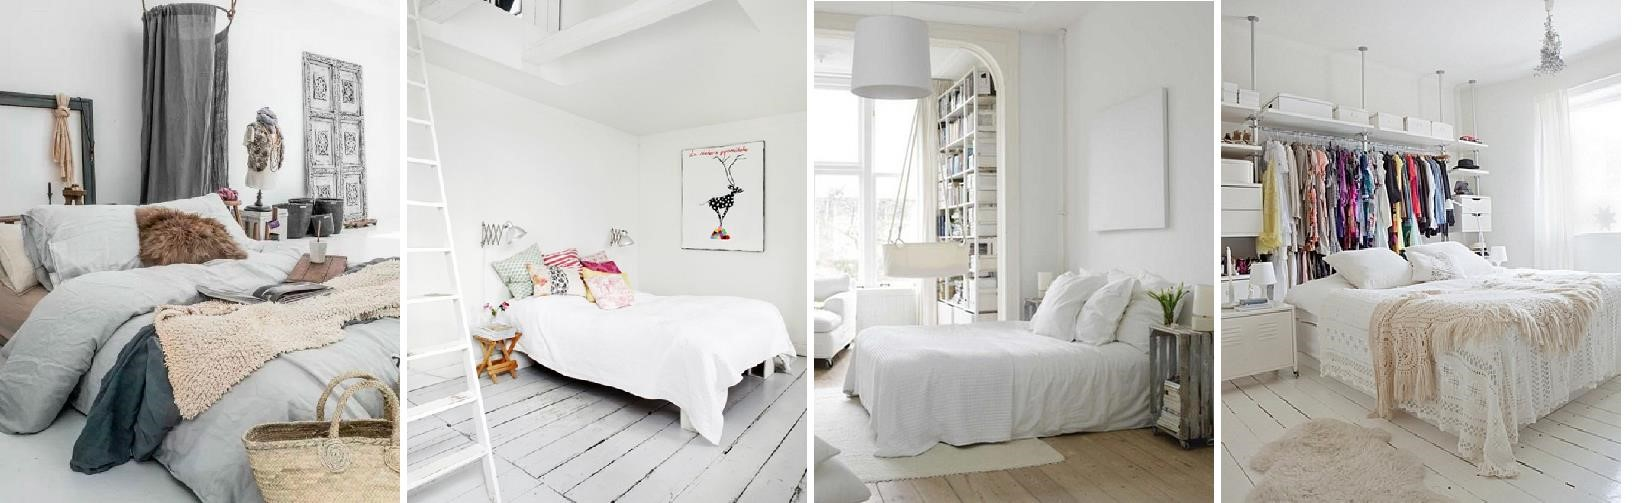 Decorar con camas de forja un dormitorio estilo n rdico for Estilo nordico para dormitorio